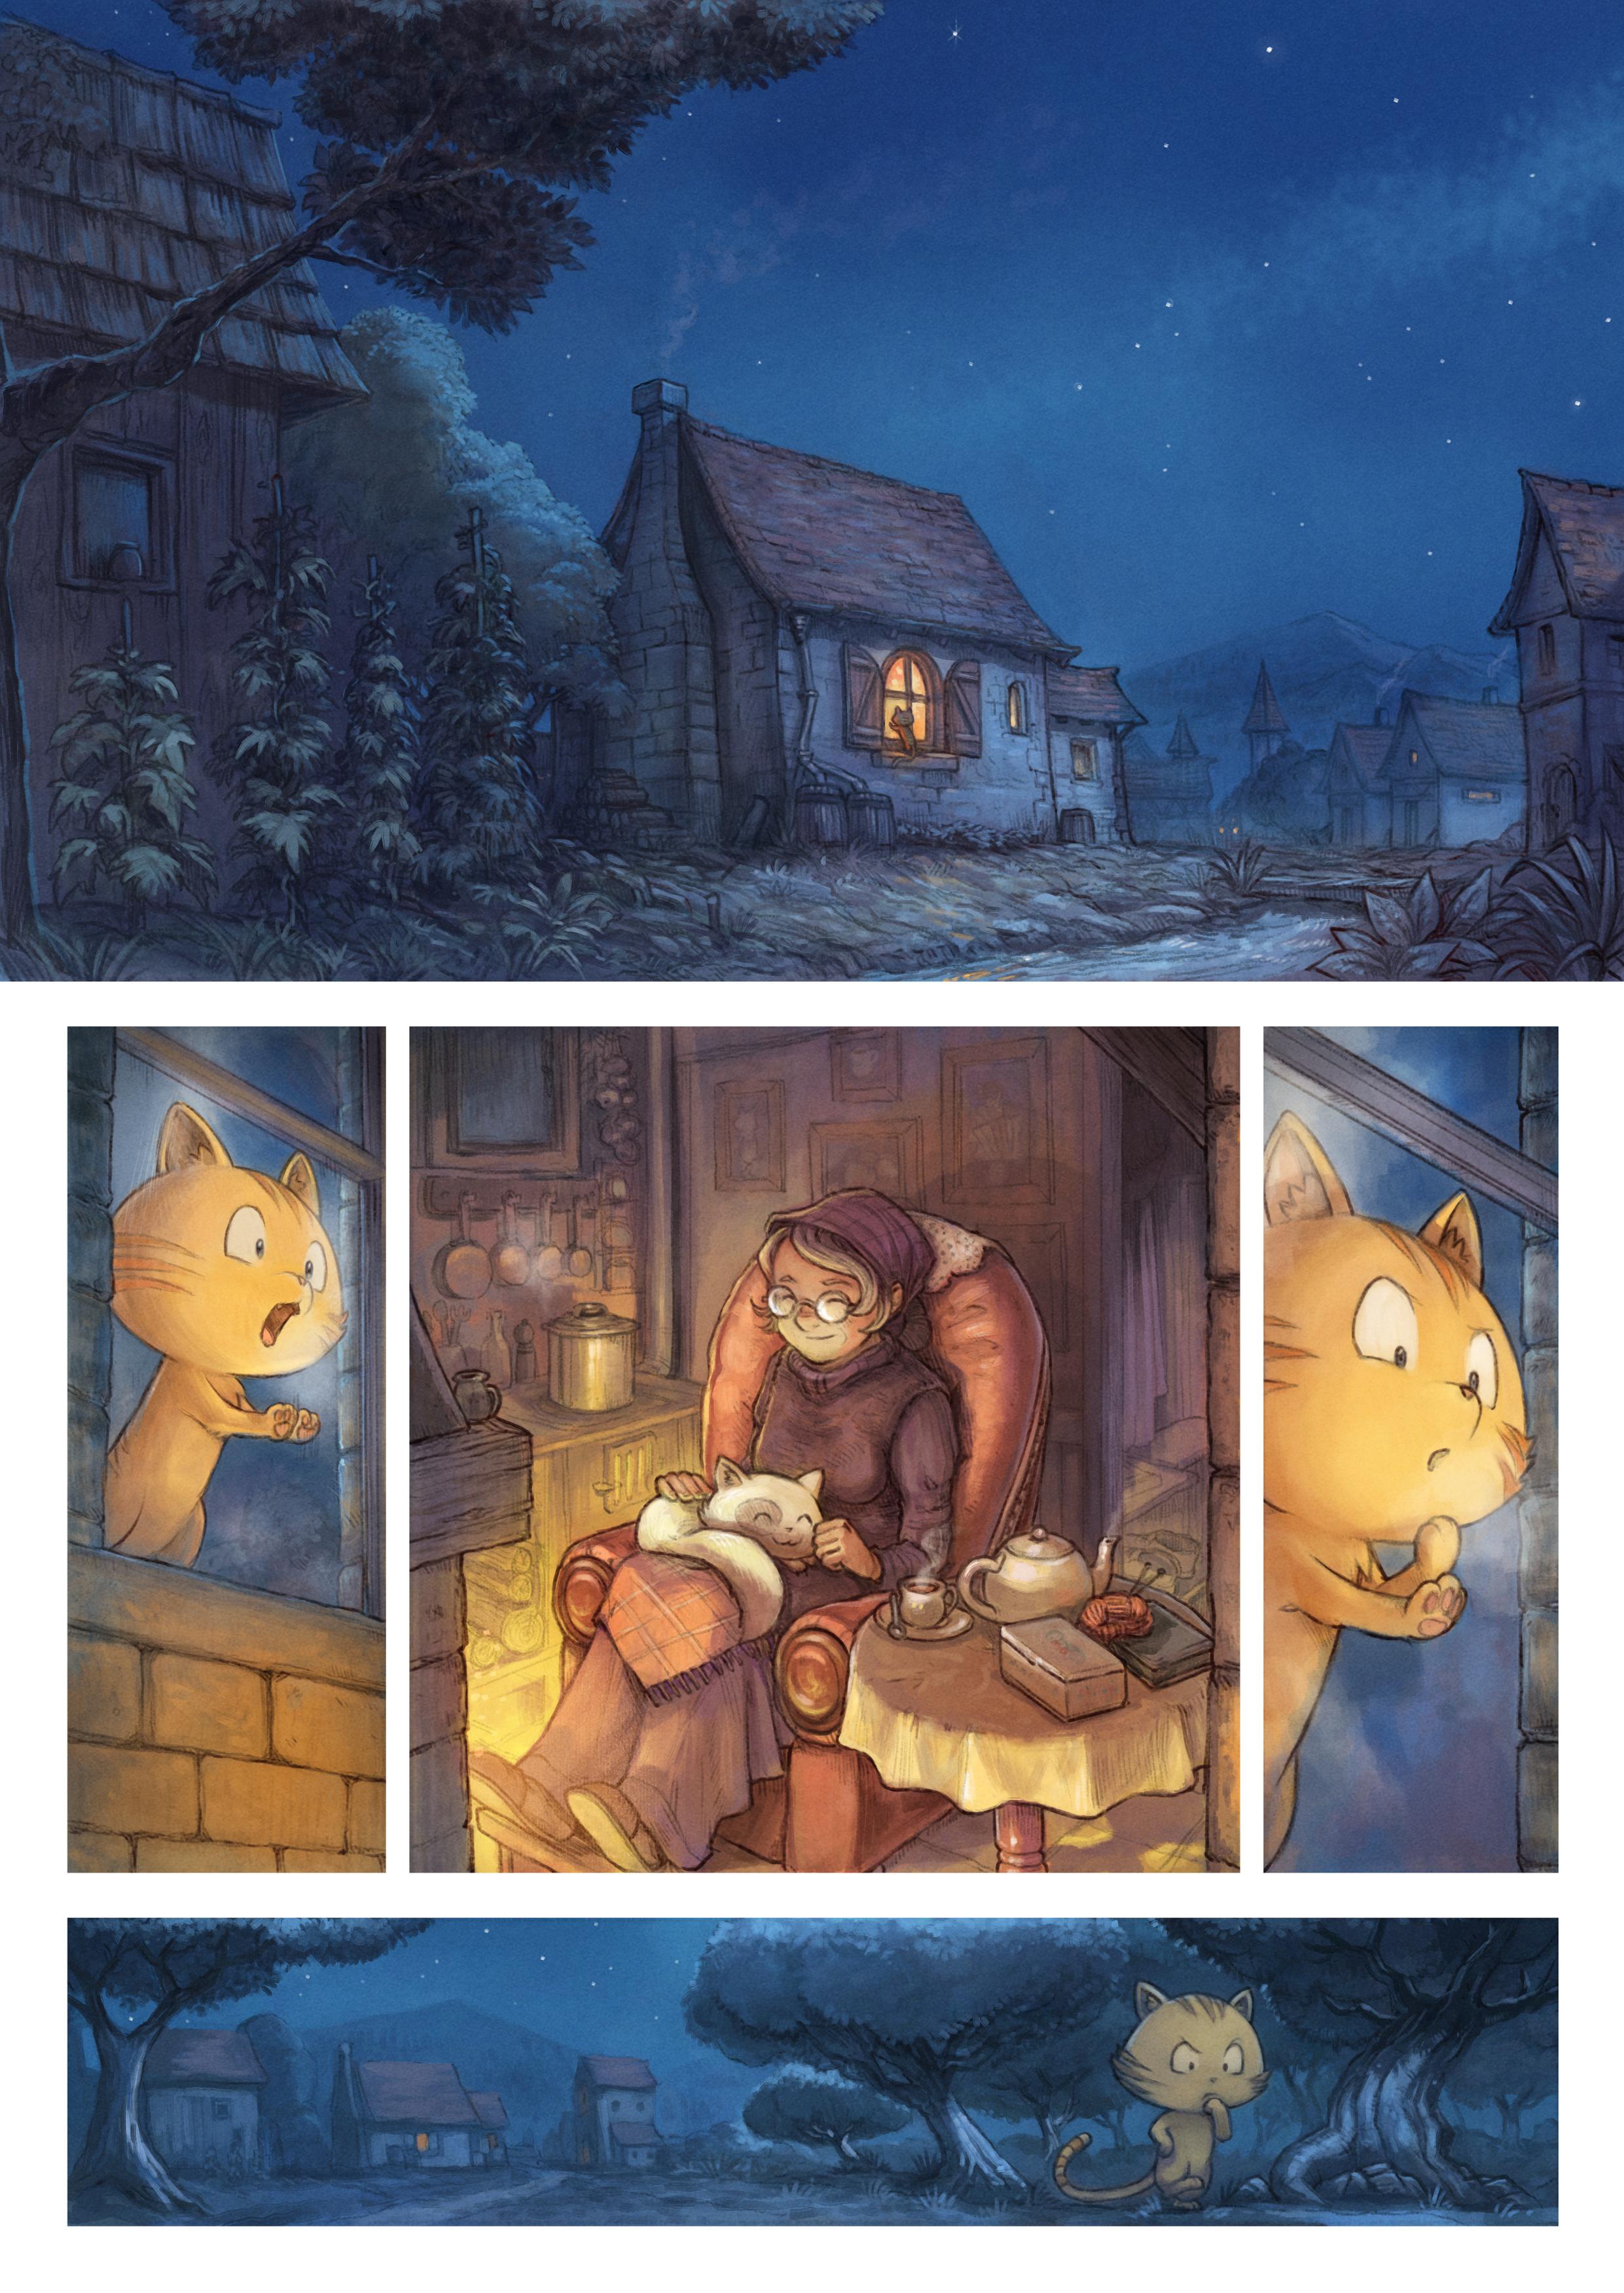 エピソード 30: 抱きしめてほしい, ページ 1